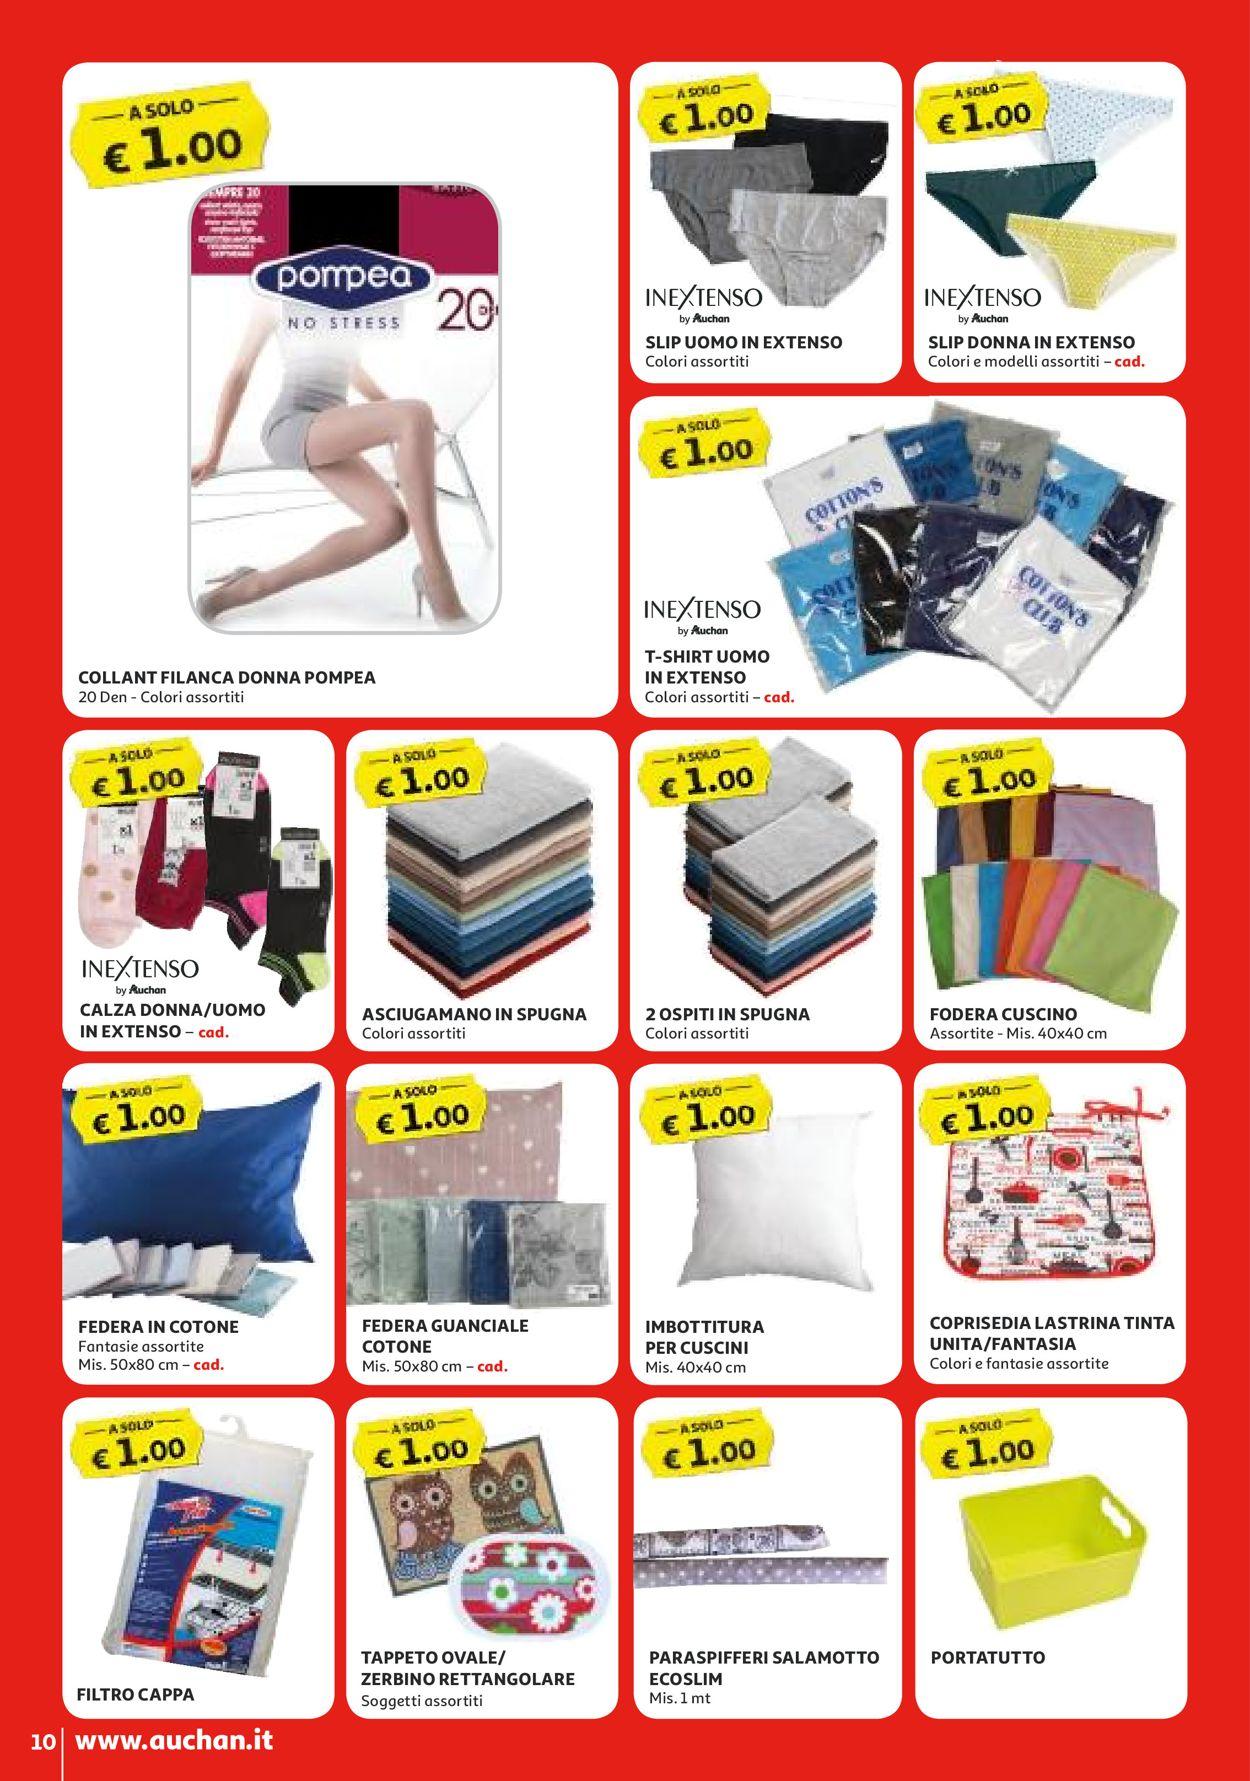 Cuscini Auchan